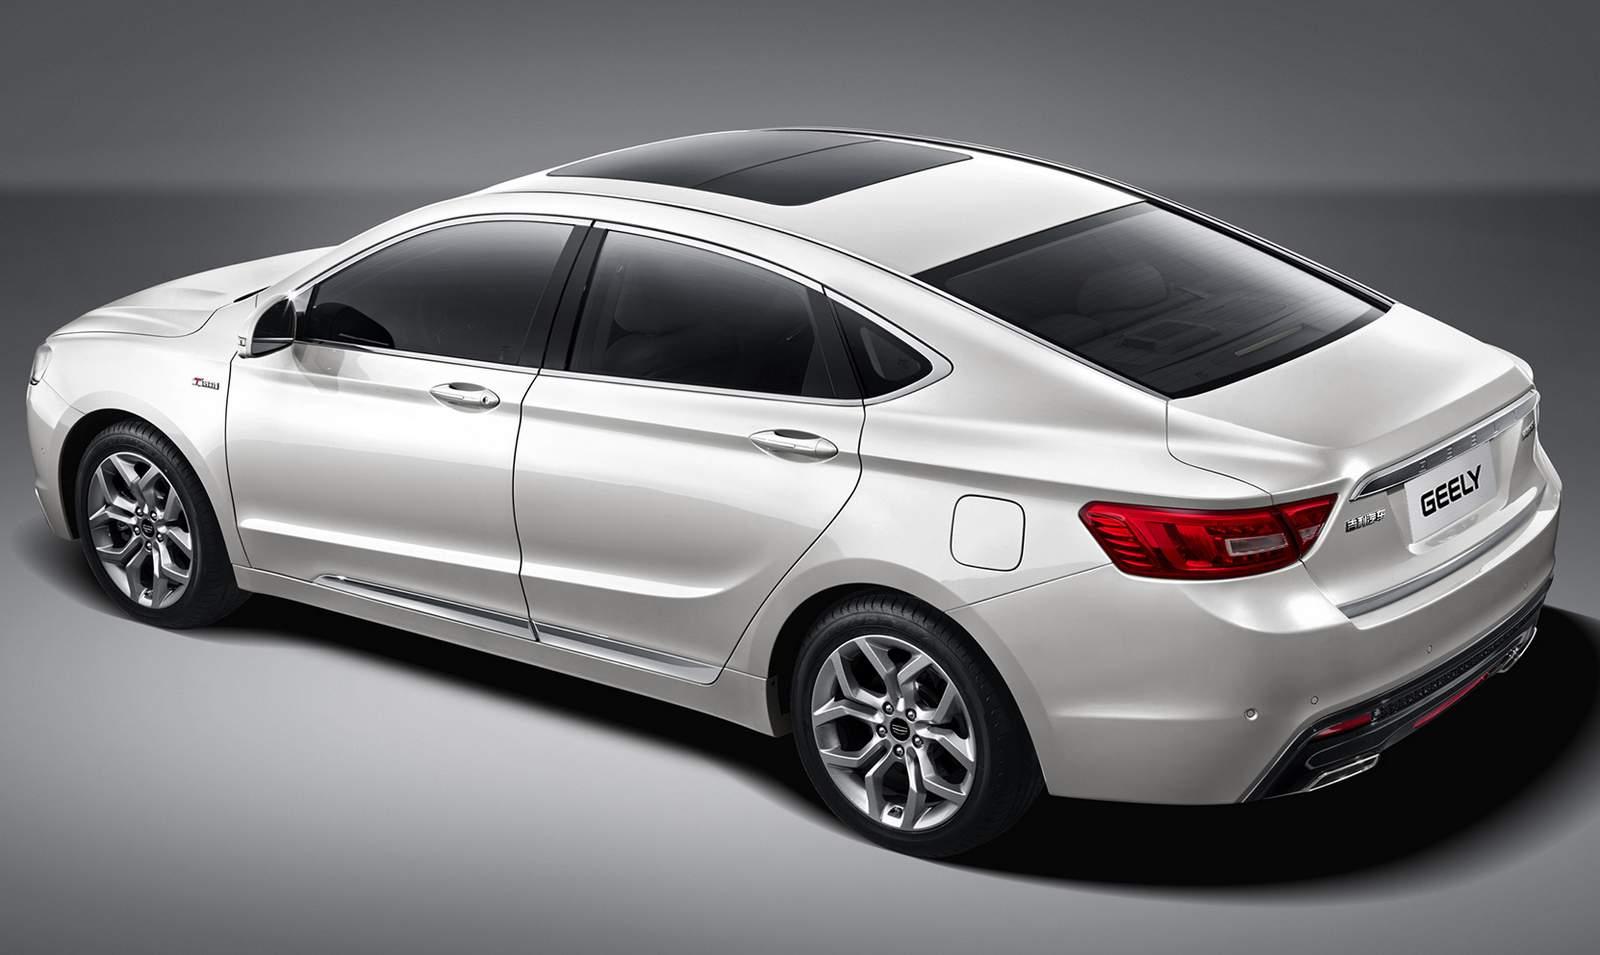 Geely EC9 chega ao mercado chinês: preço R$ 74.500 reais ...